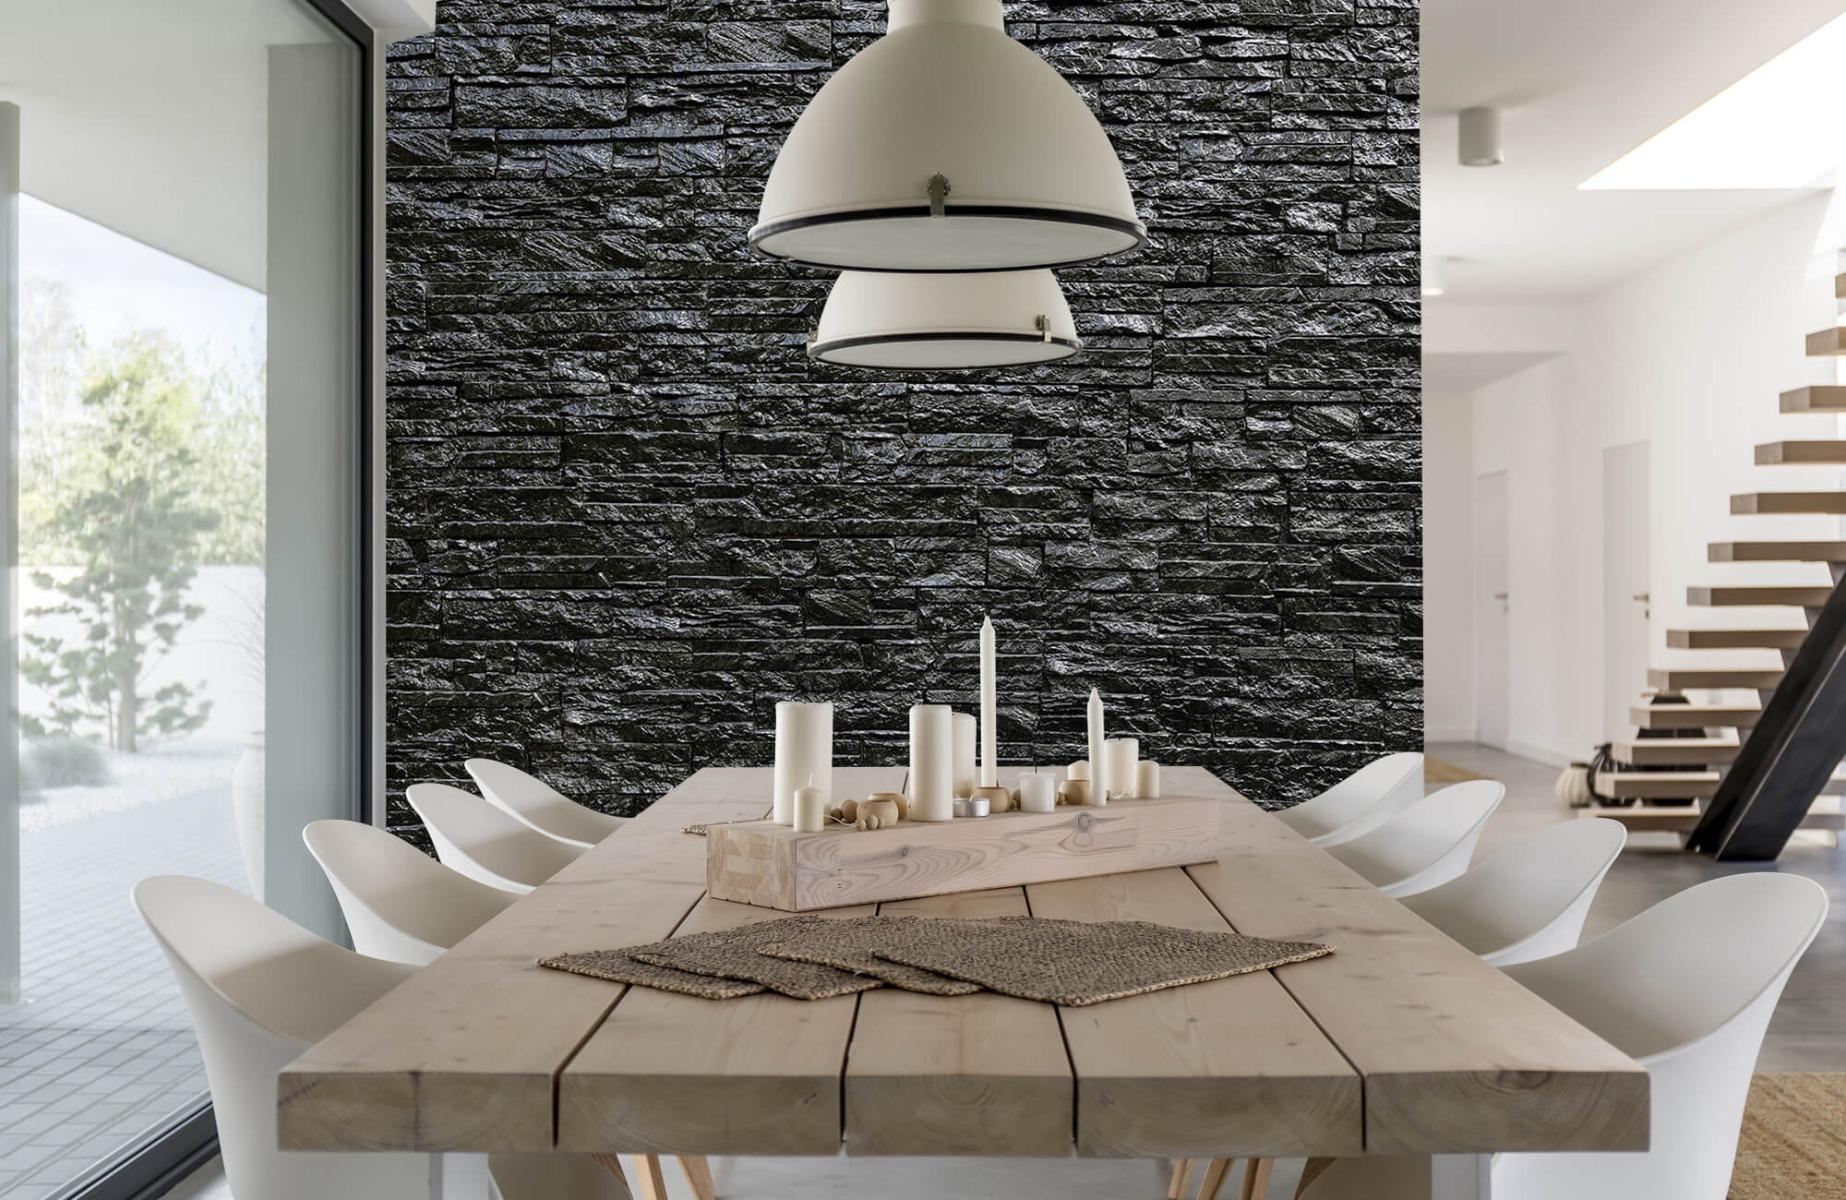 Steen behang - Zwarte stenen - Wallexclusive - Slaapkamer 2